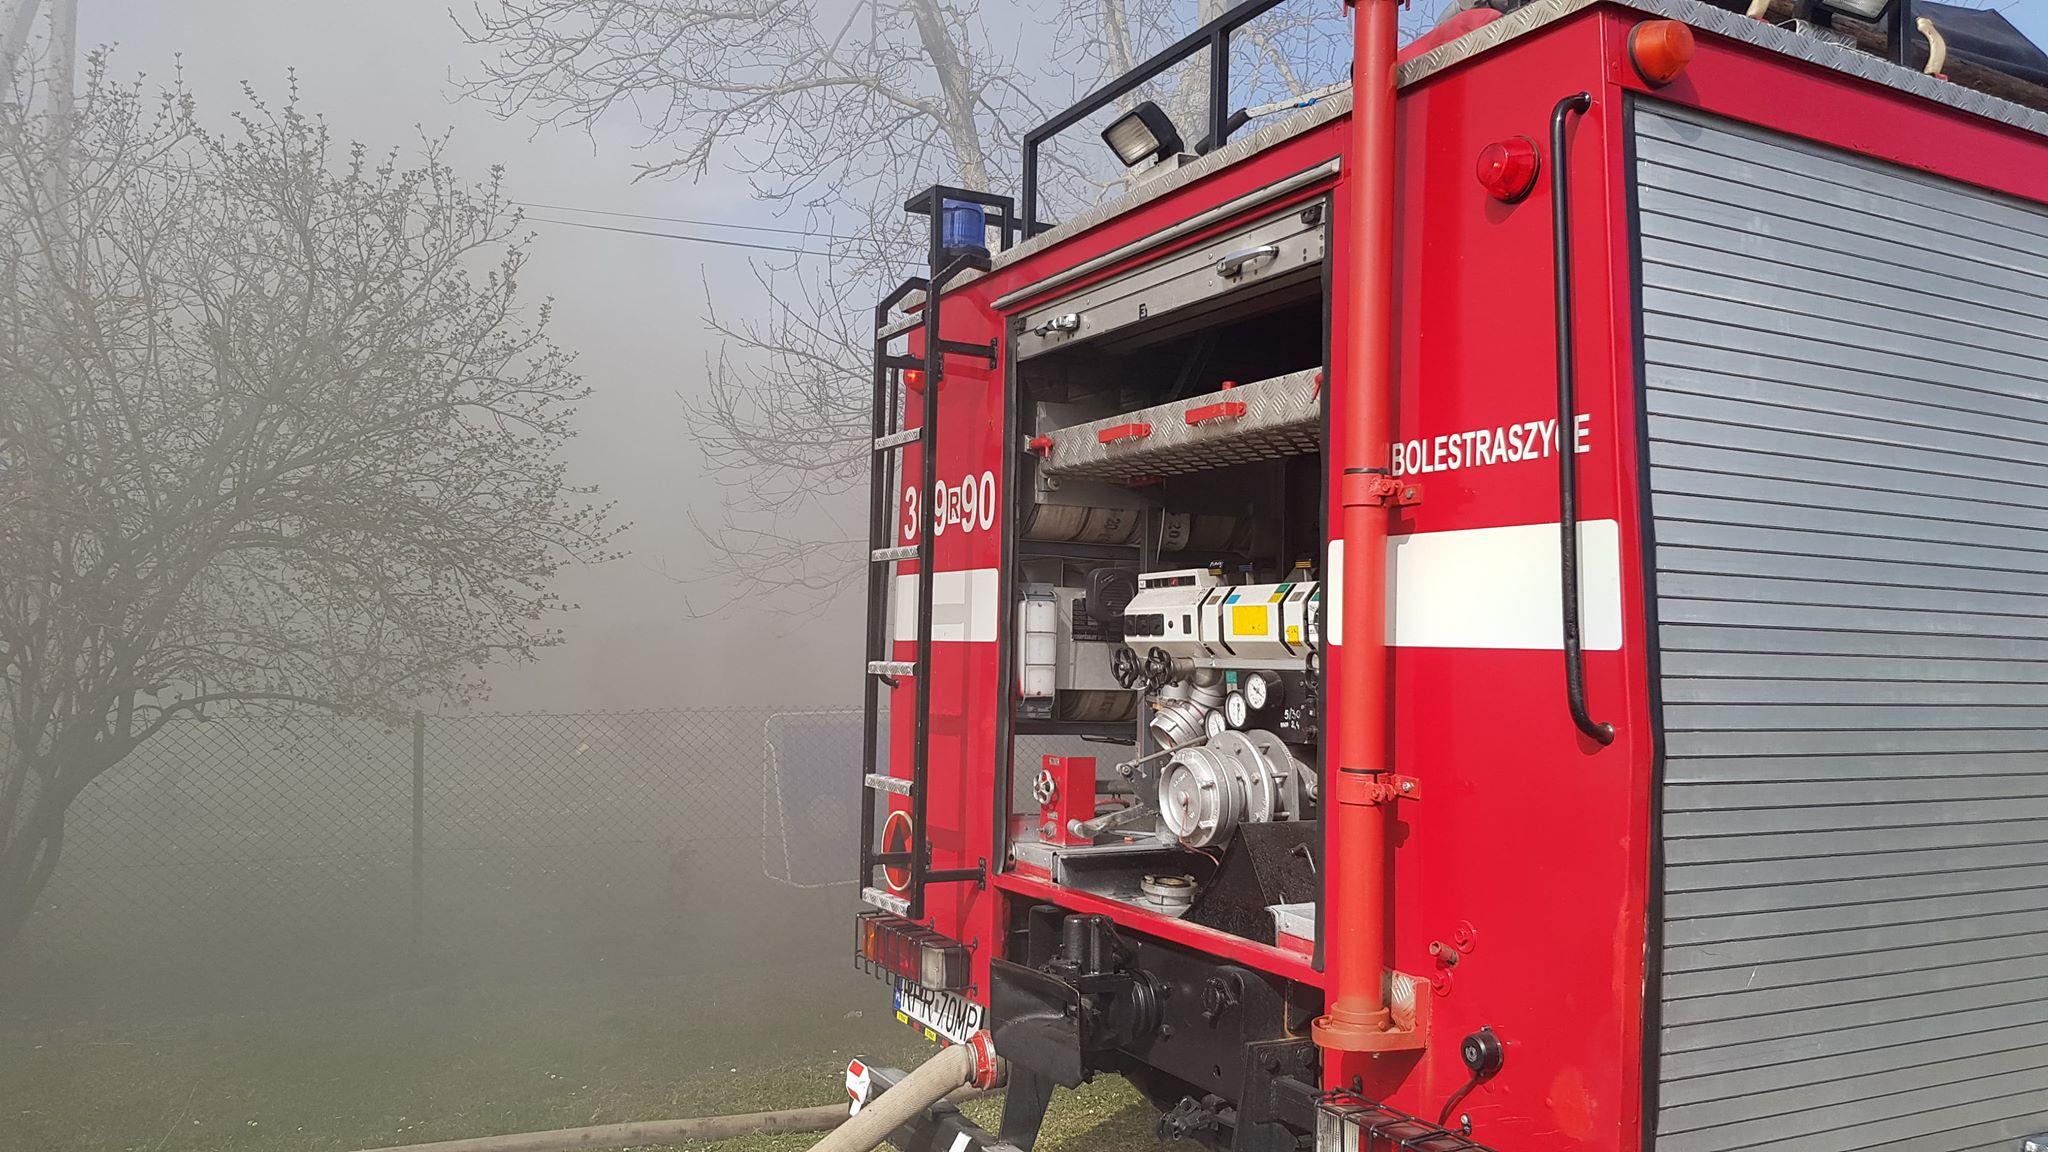 Z PODKARPACIA. Pożar składu opon. Strażak wymagał pomocy ratowników [FOTO] - Zdjęcie główne